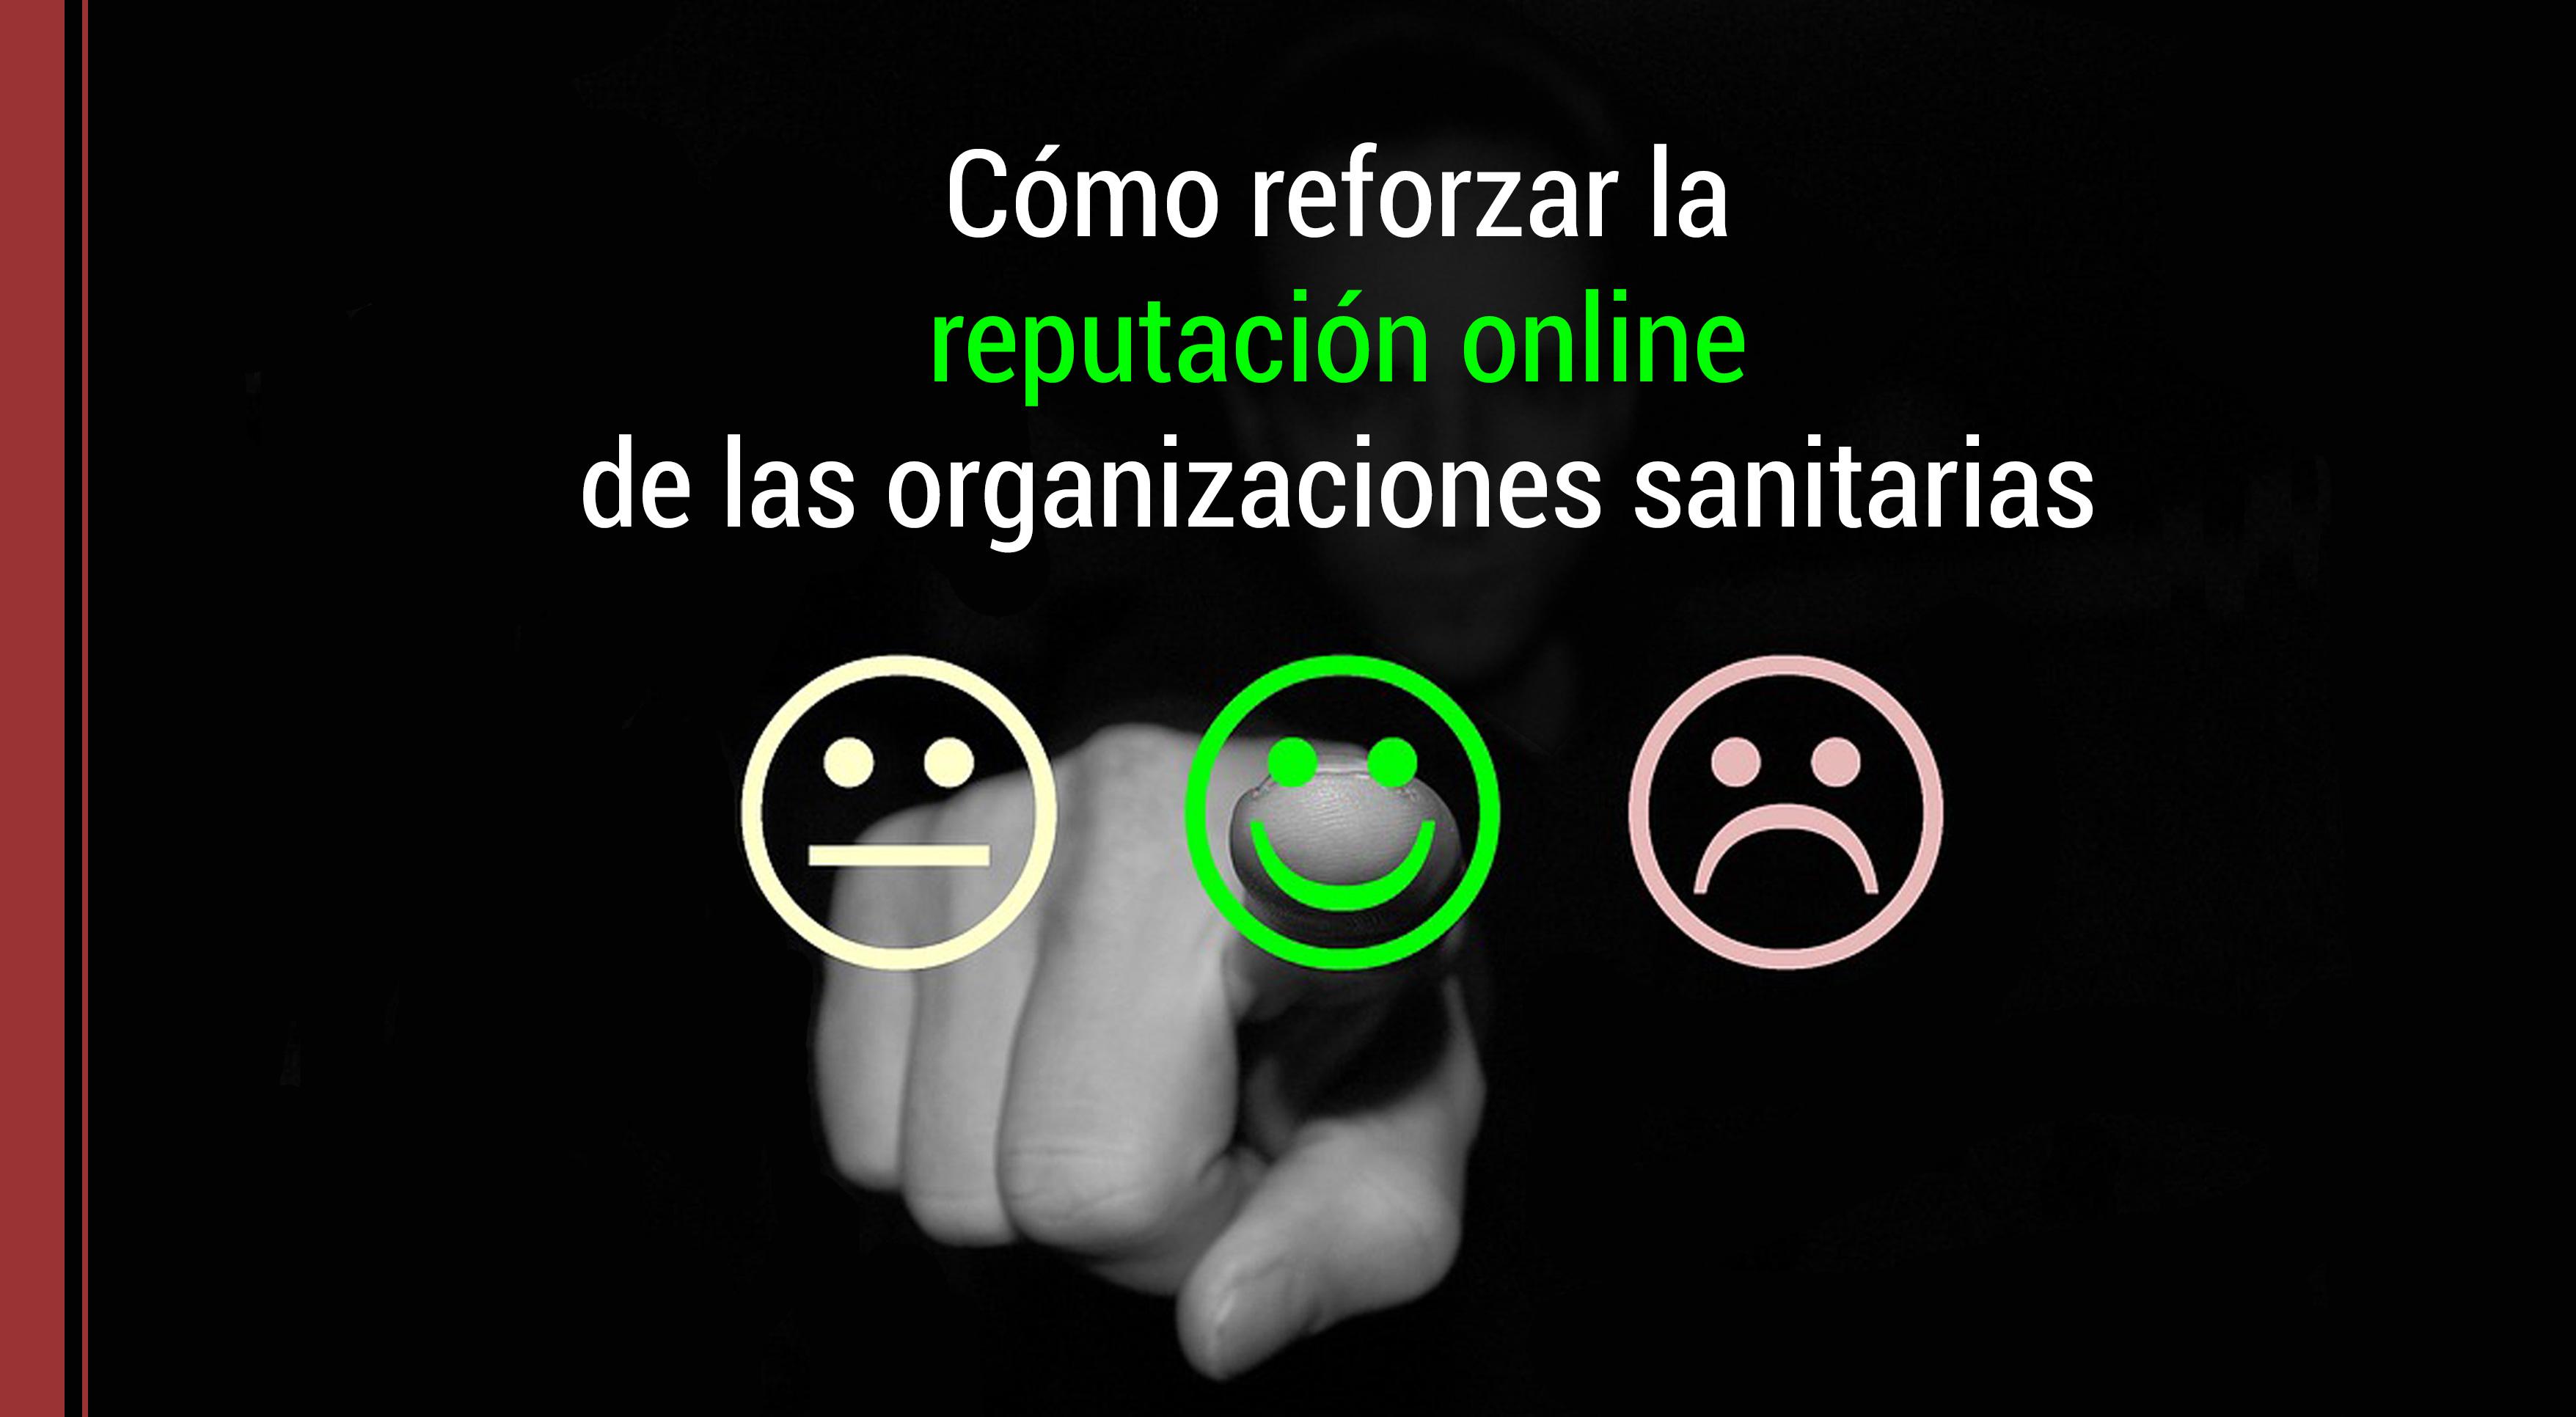 reputación-online-organizaciones-sanitarias Cómo reforzar la reputación online de las organizaciones sanitarias